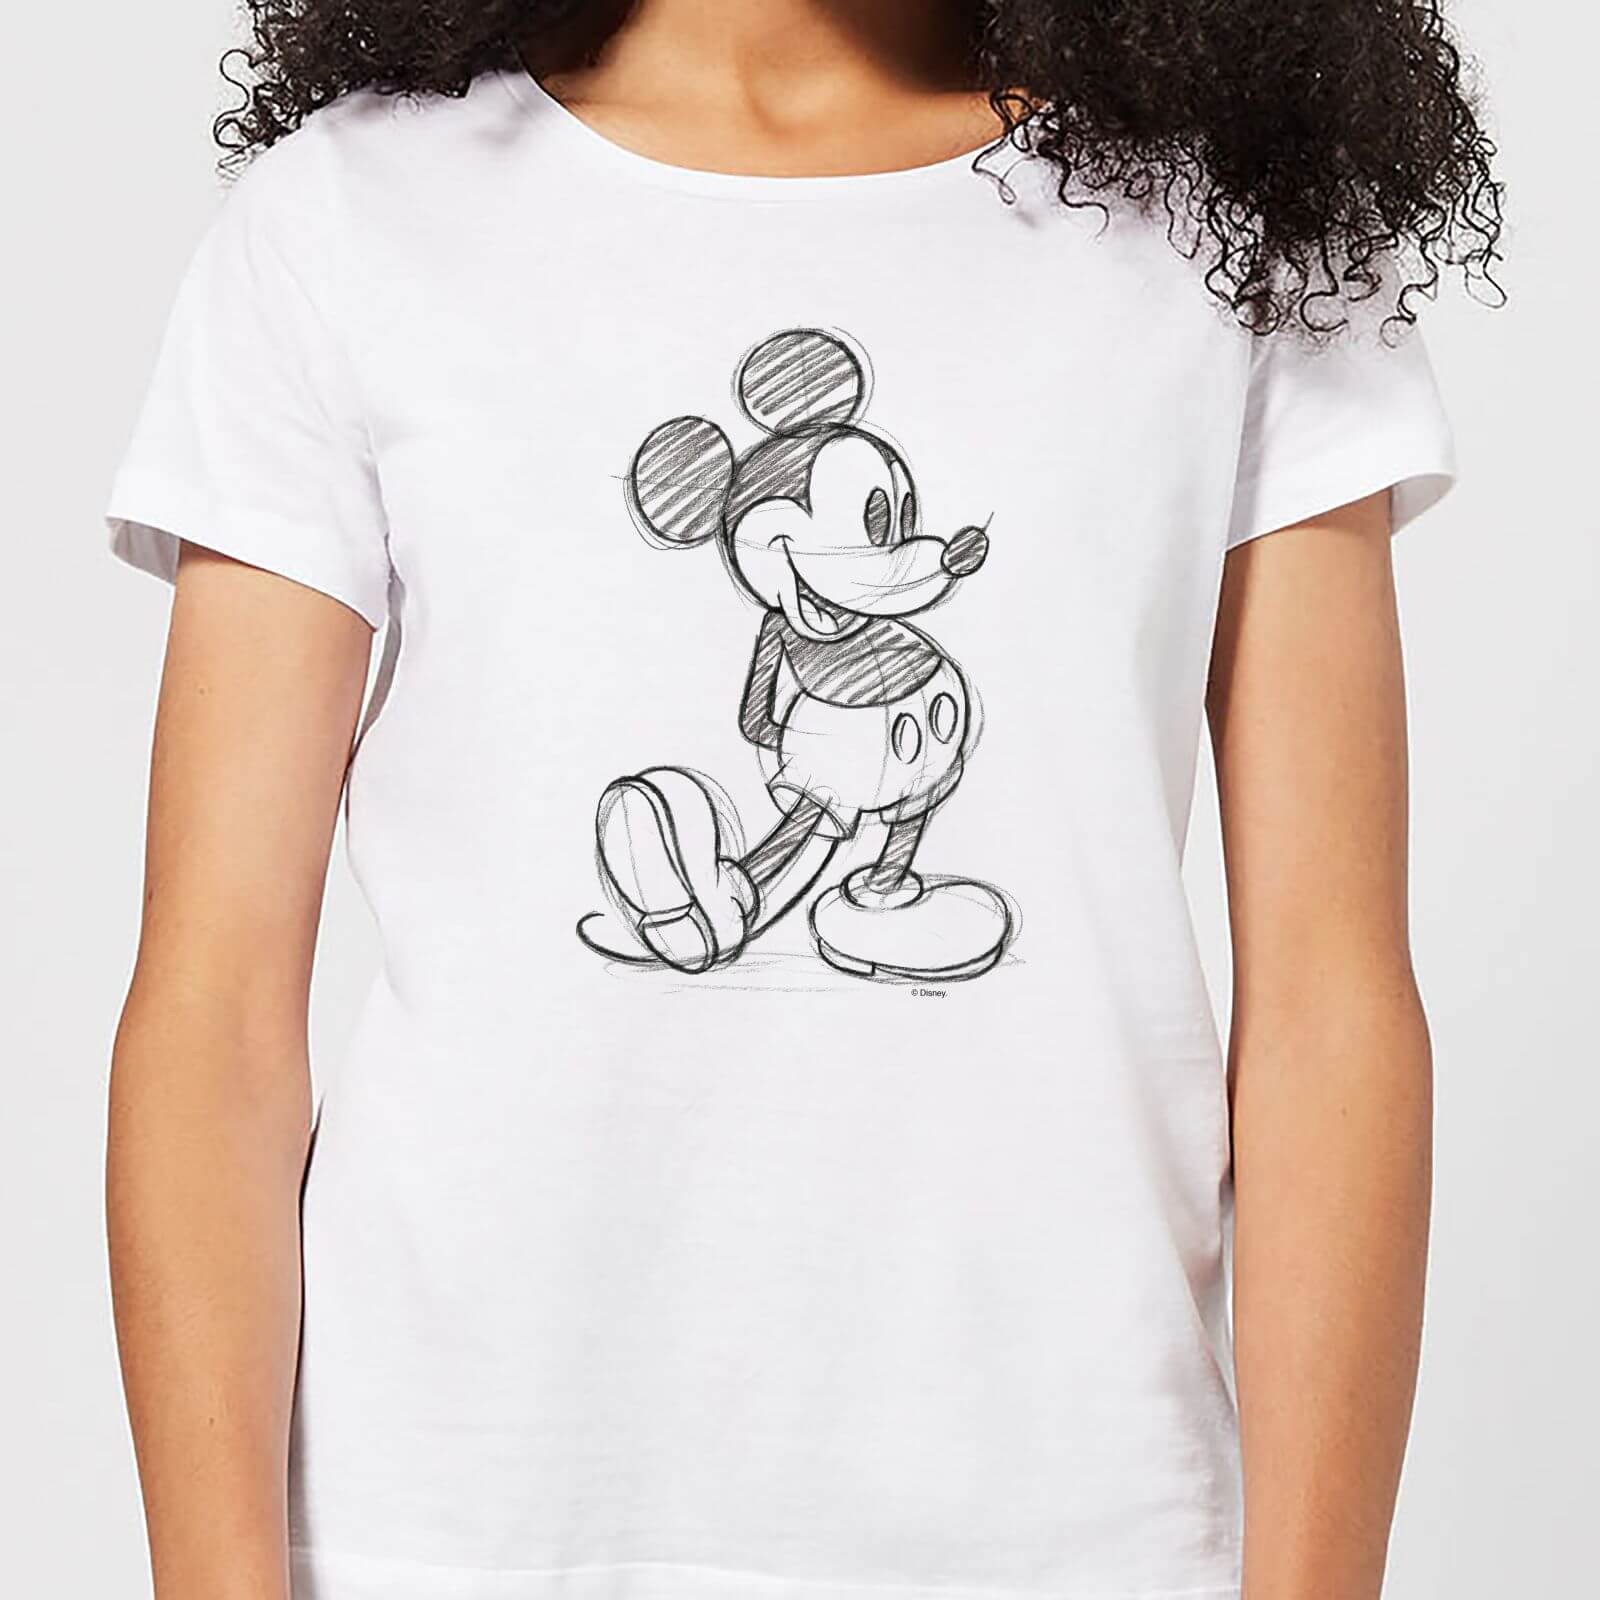 Disney Disney Mickey Mouse Sketch Women's T-Shirt - White - 3XL - White